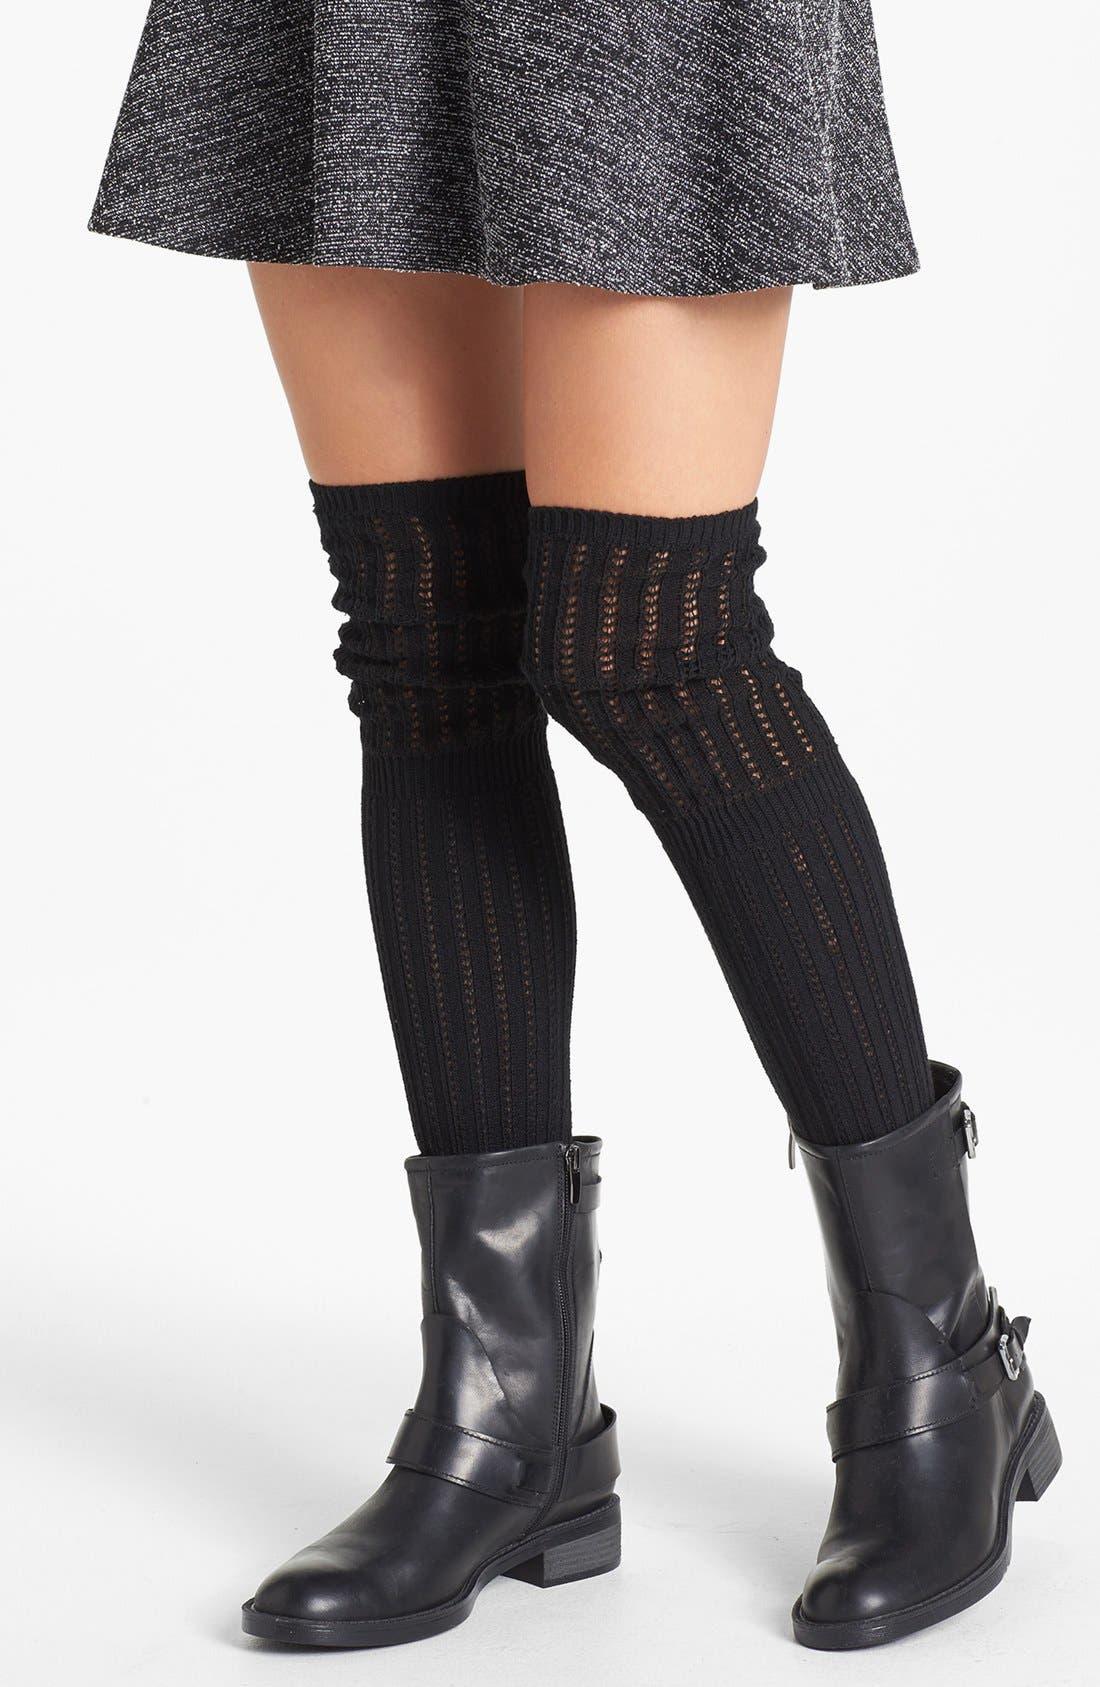 Alternate Image 1 Selected - Hue 'Crochet Slouch' Over the Knee Socks